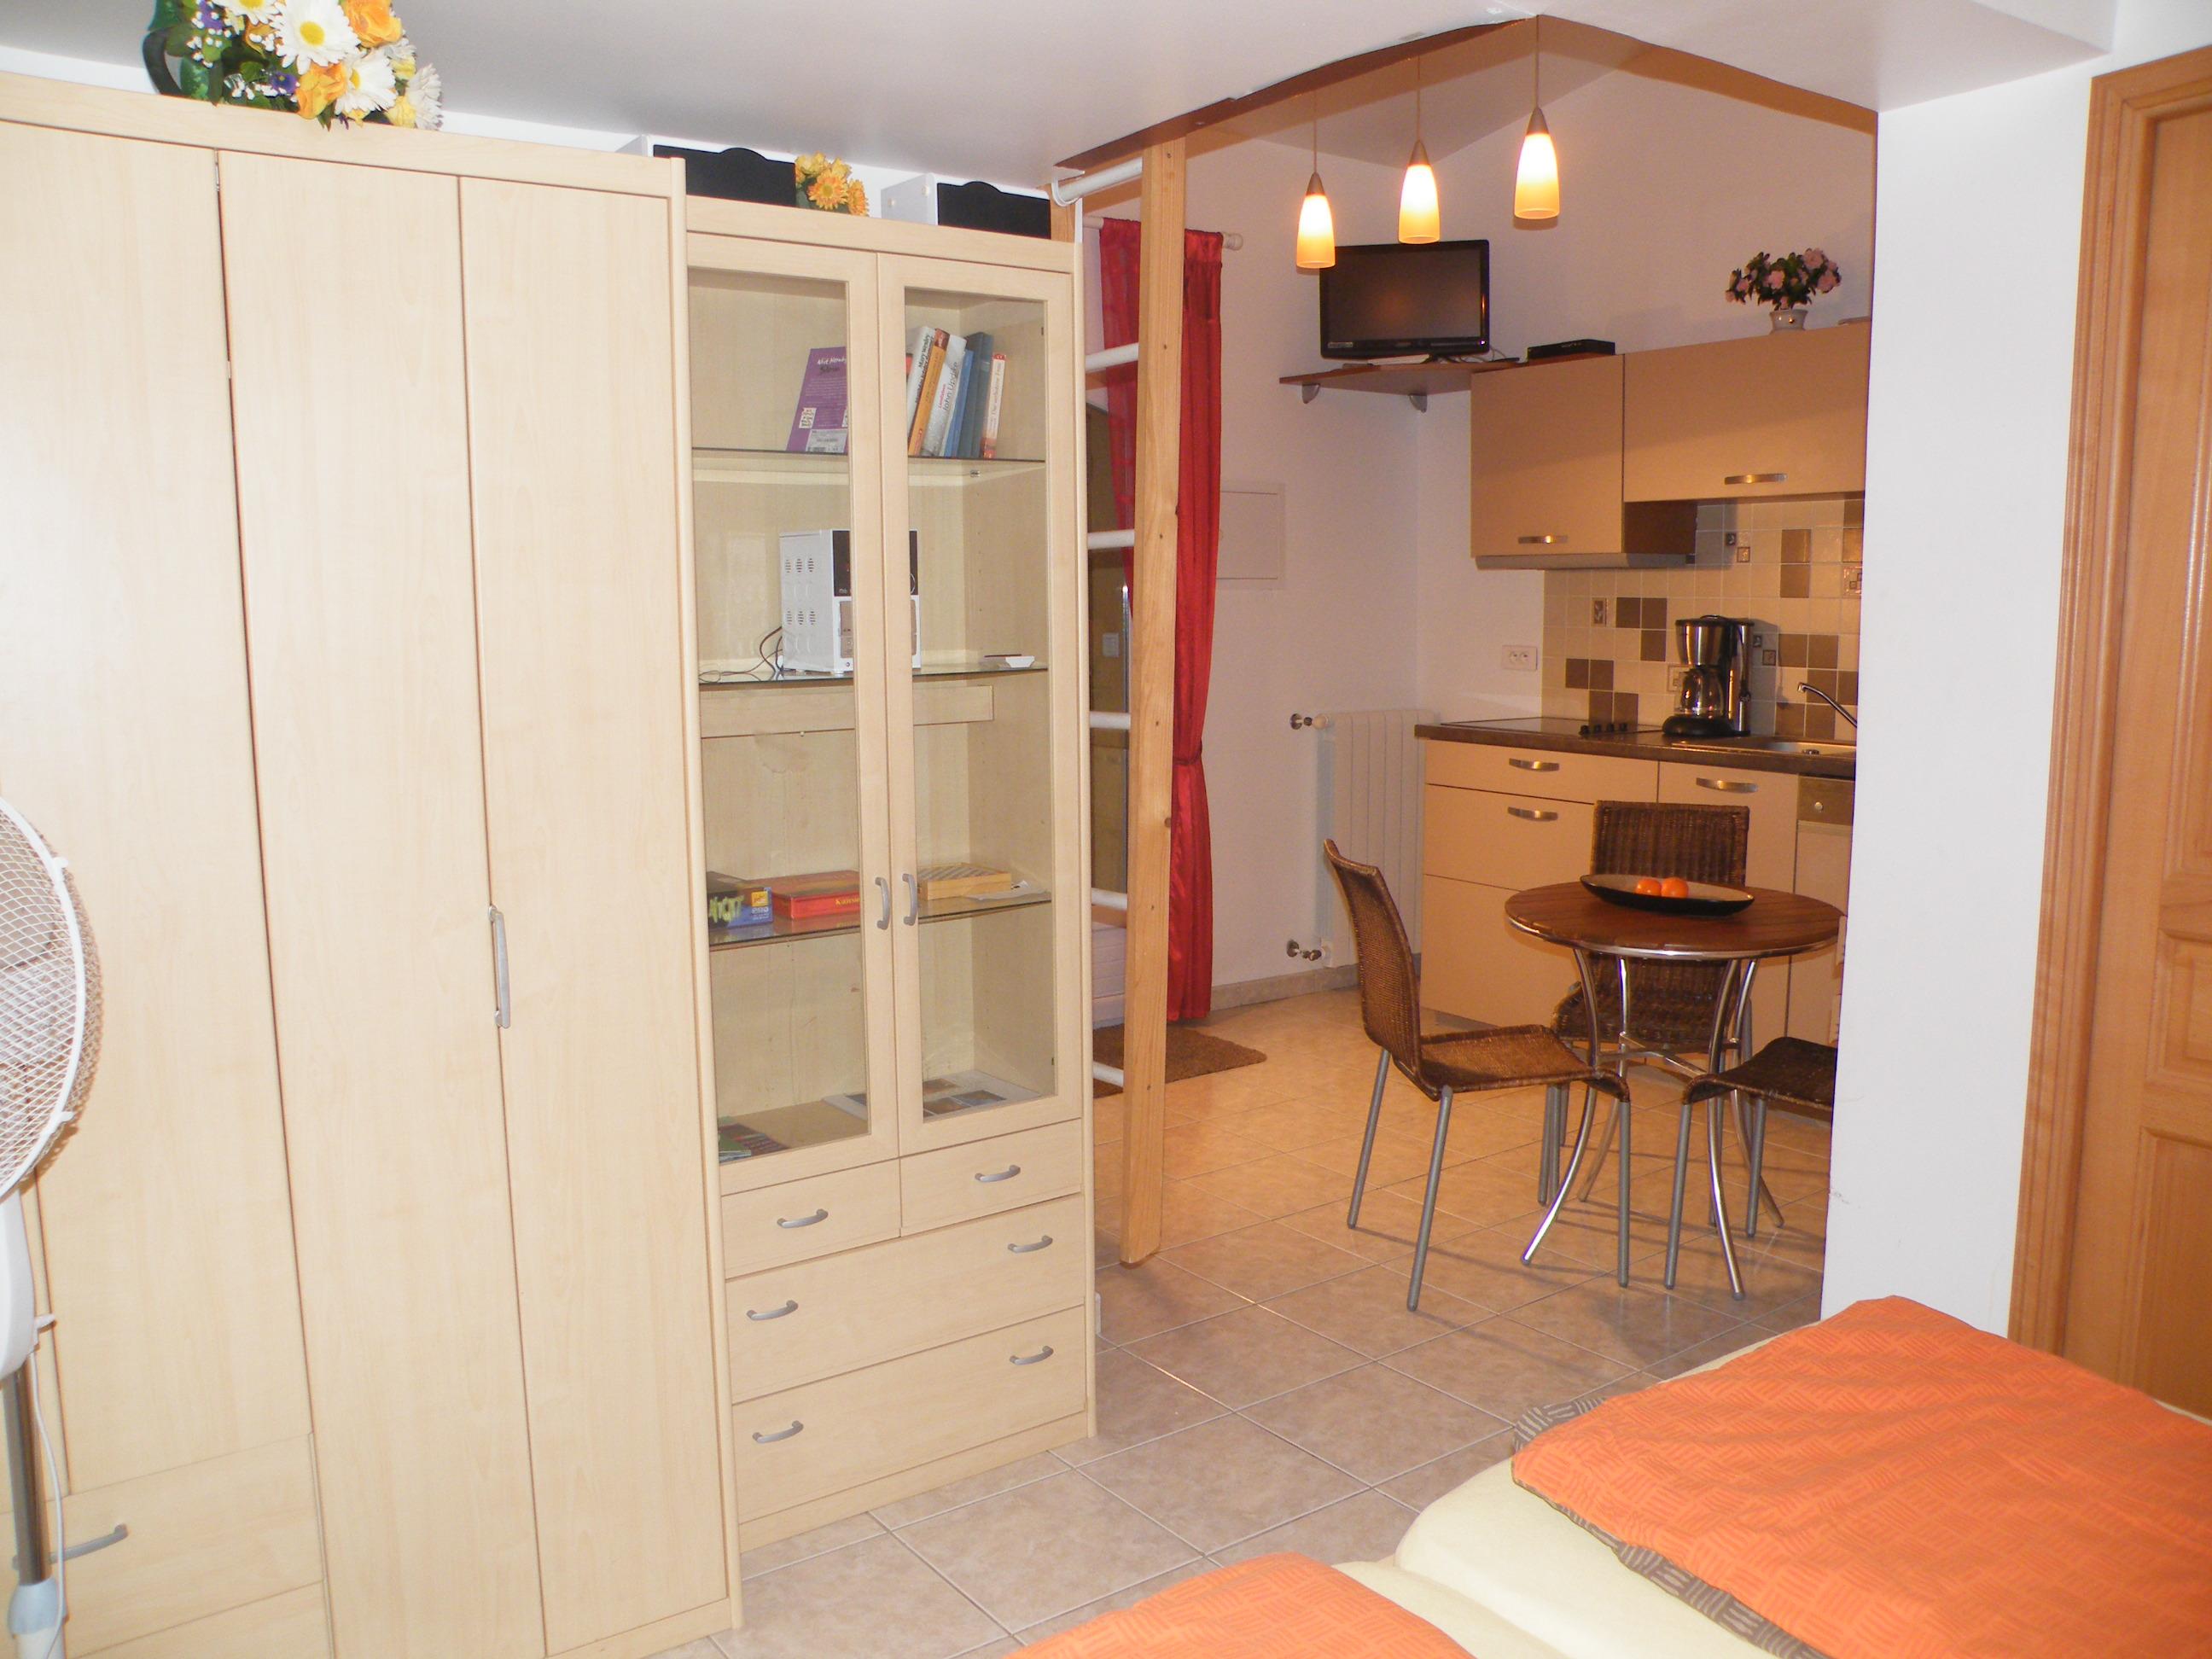 kleiner tisch kche trendy large size of modernes. Black Bedroom Furniture Sets. Home Design Ideas